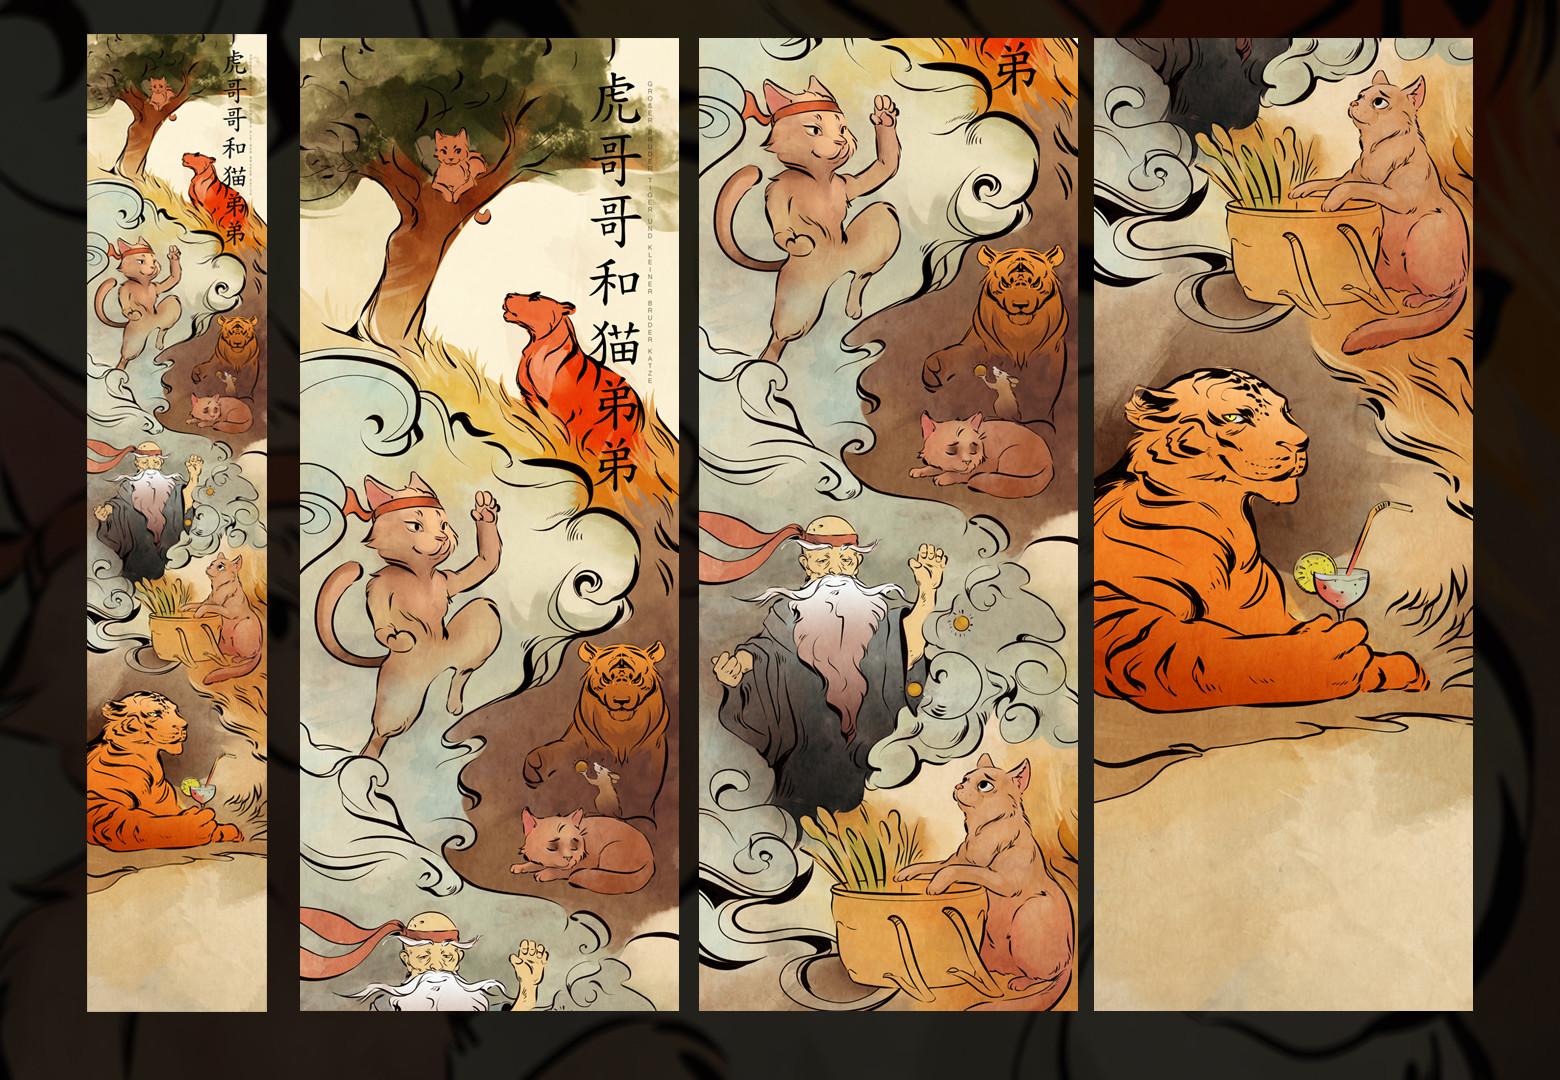 Trudy wenzel illustration chinesisch